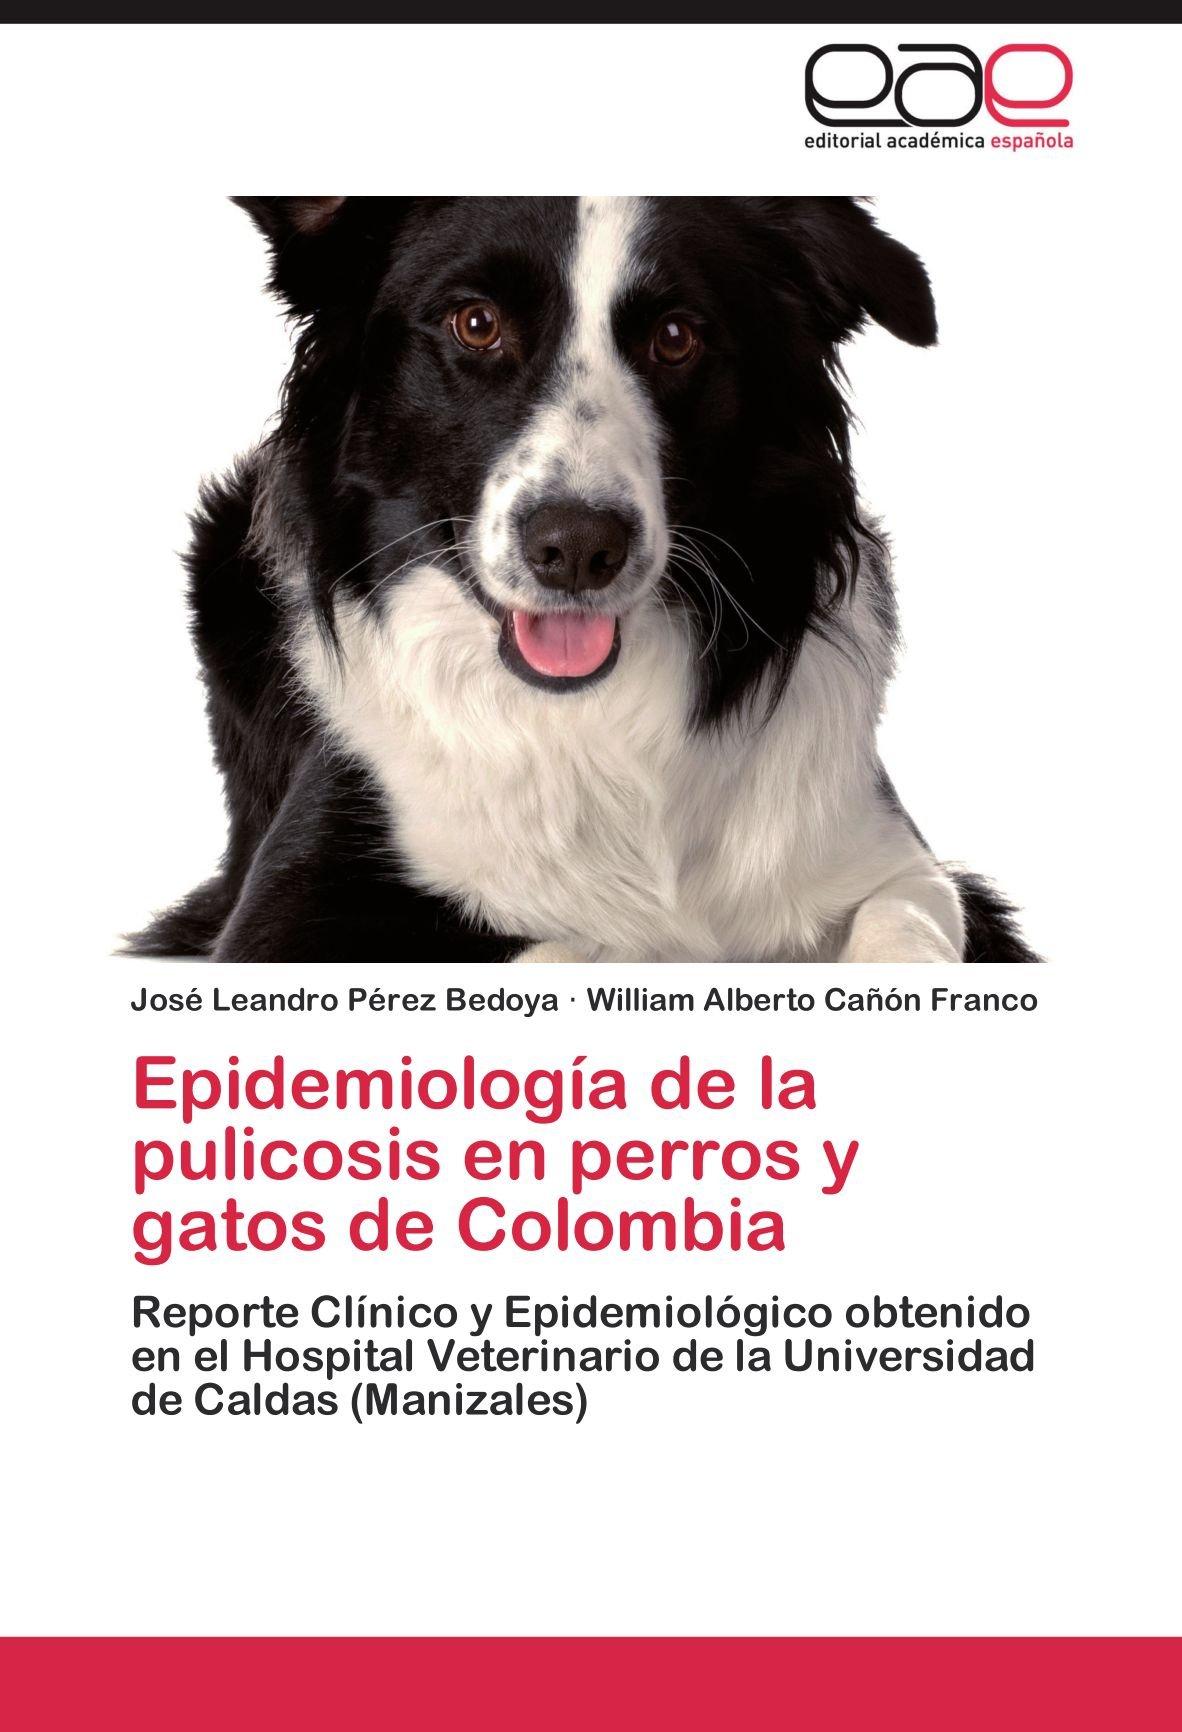 Epidemiología de la pulicosis en perros y gatos de Colombia: Reporte Clínico y Epidemiológico obtenido en el Hospital Veterinario de la Universidad de ...